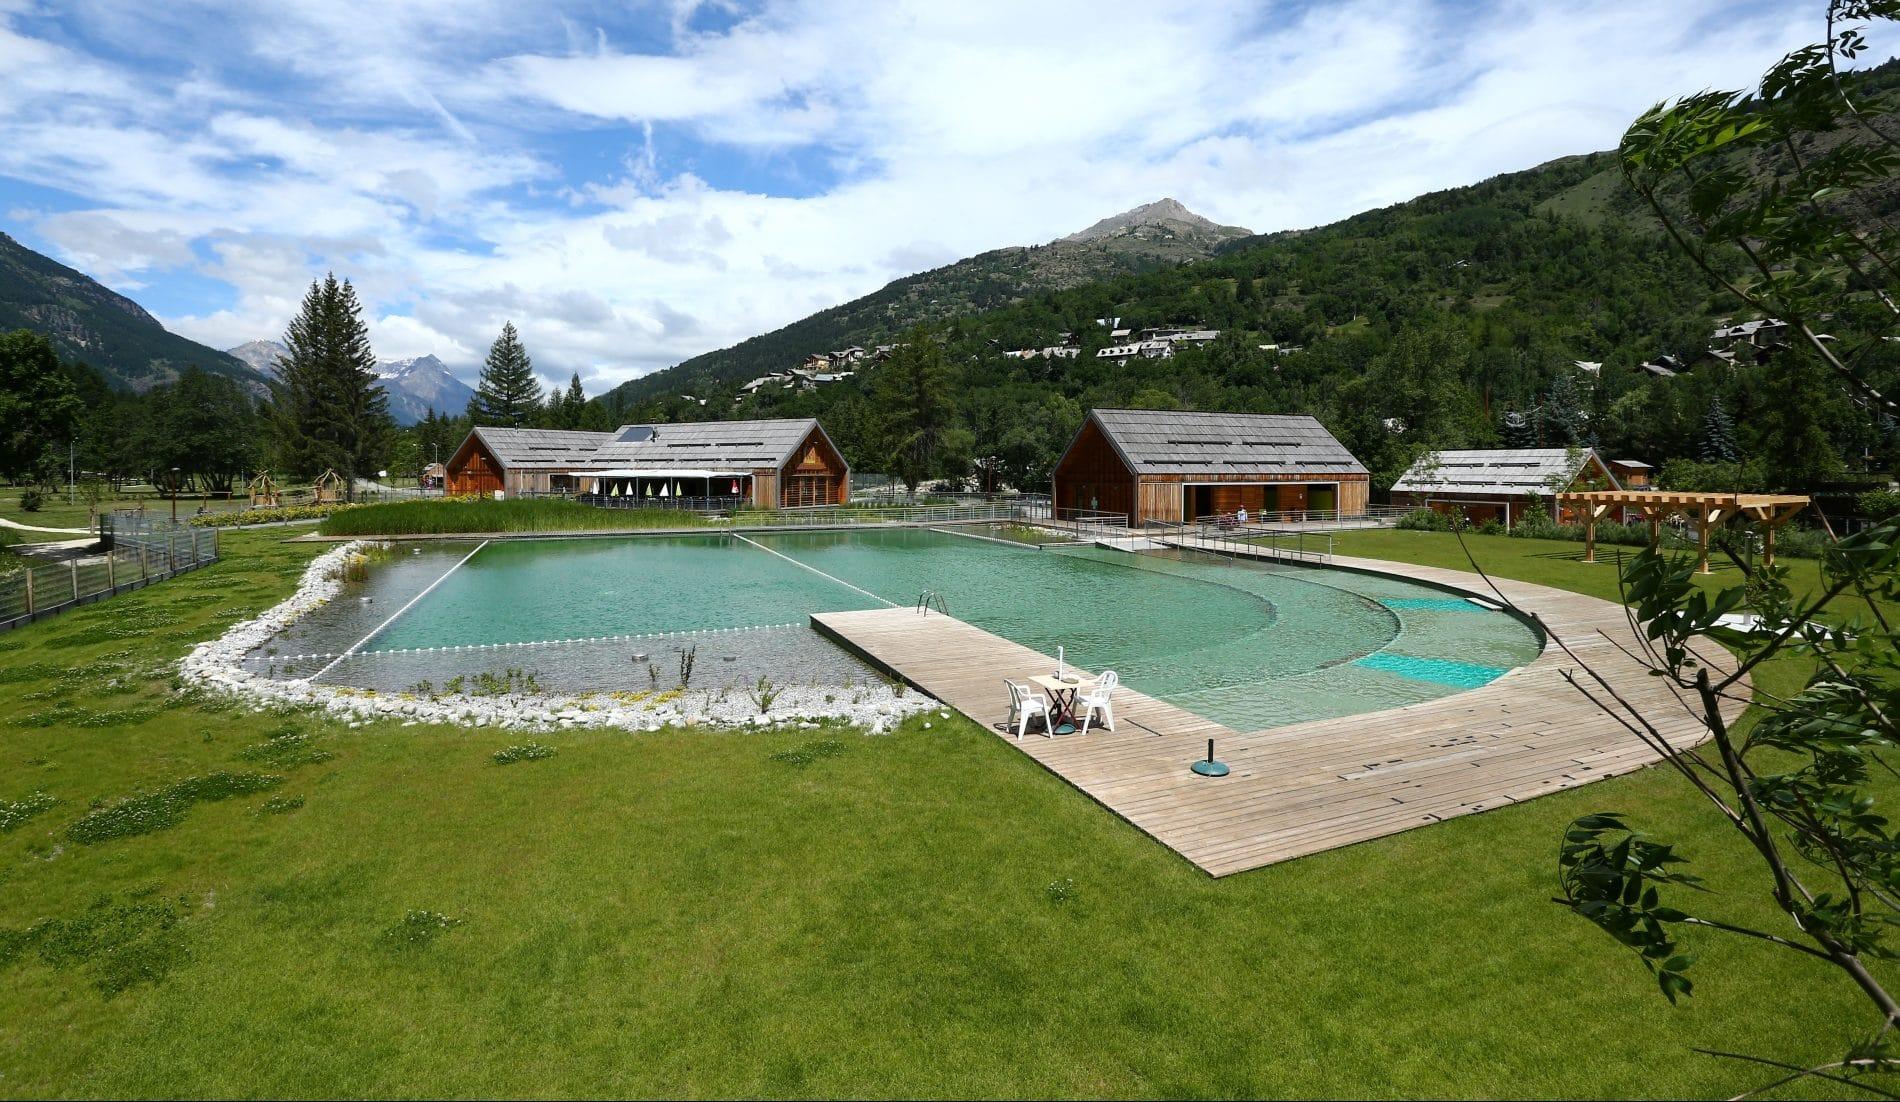 Ouverture de l'un des deux bassins verts de Serre-Chevalier - www.actumontagne.com 1